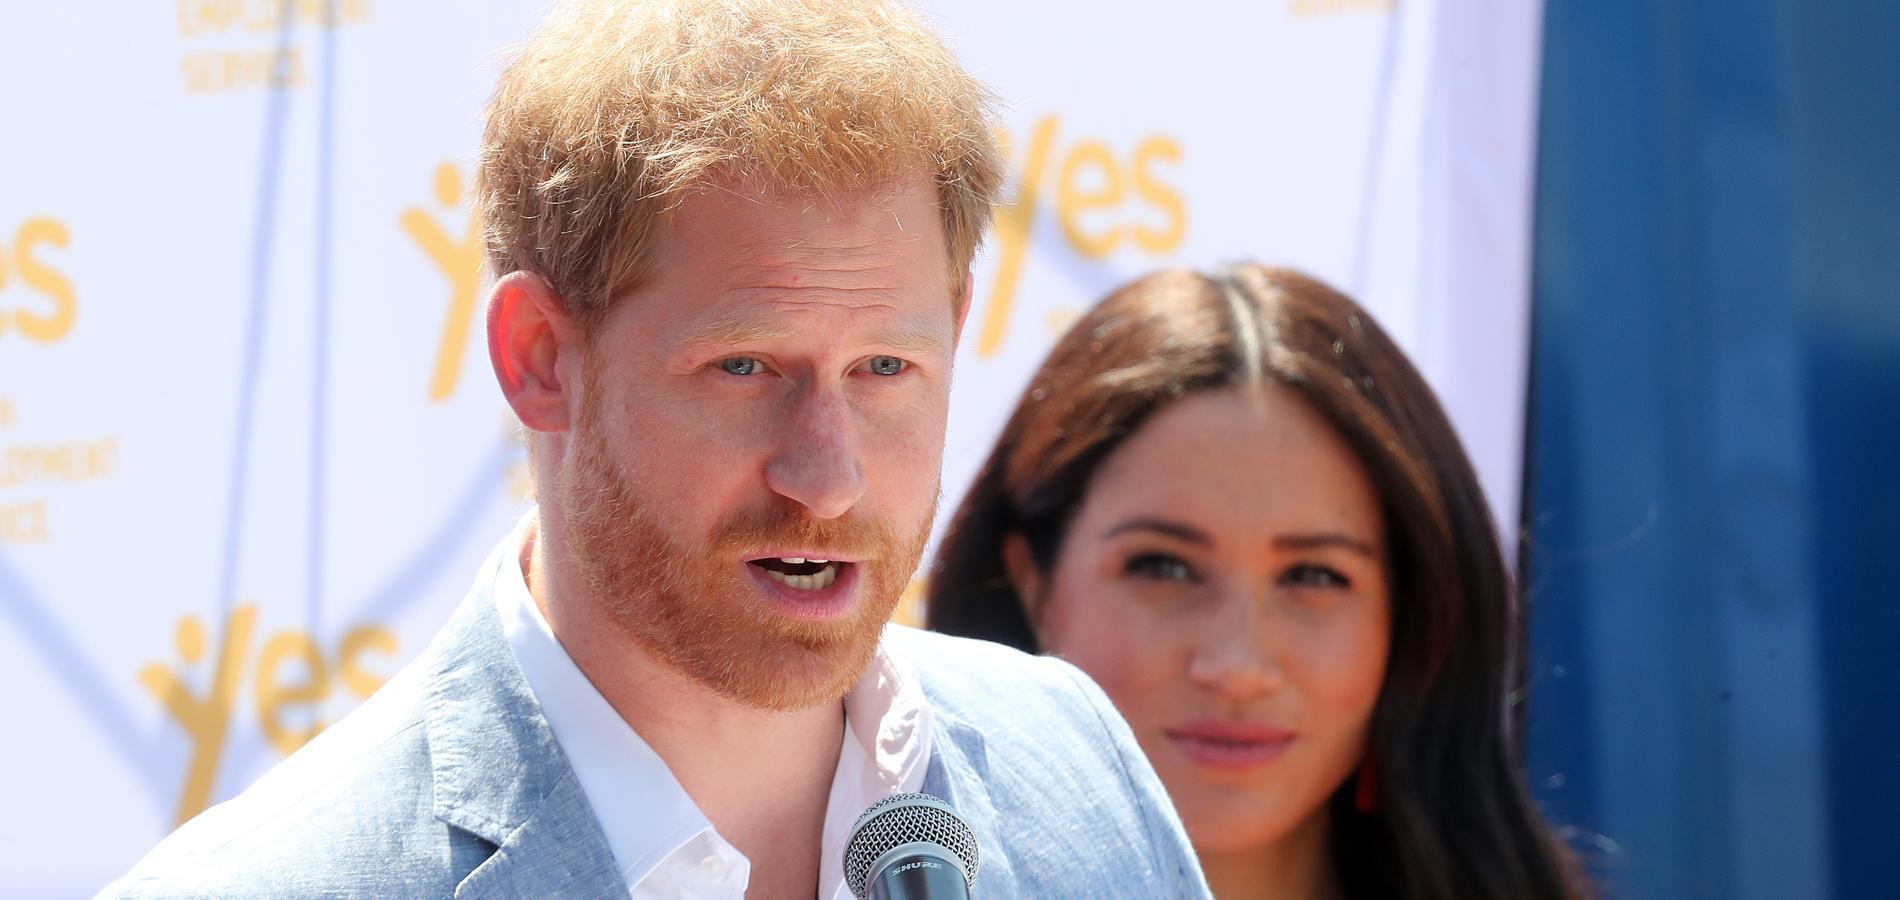 Le prince Harry compare l'acharnement médiatique contre Meghan Markle à celui subi par Lady Di